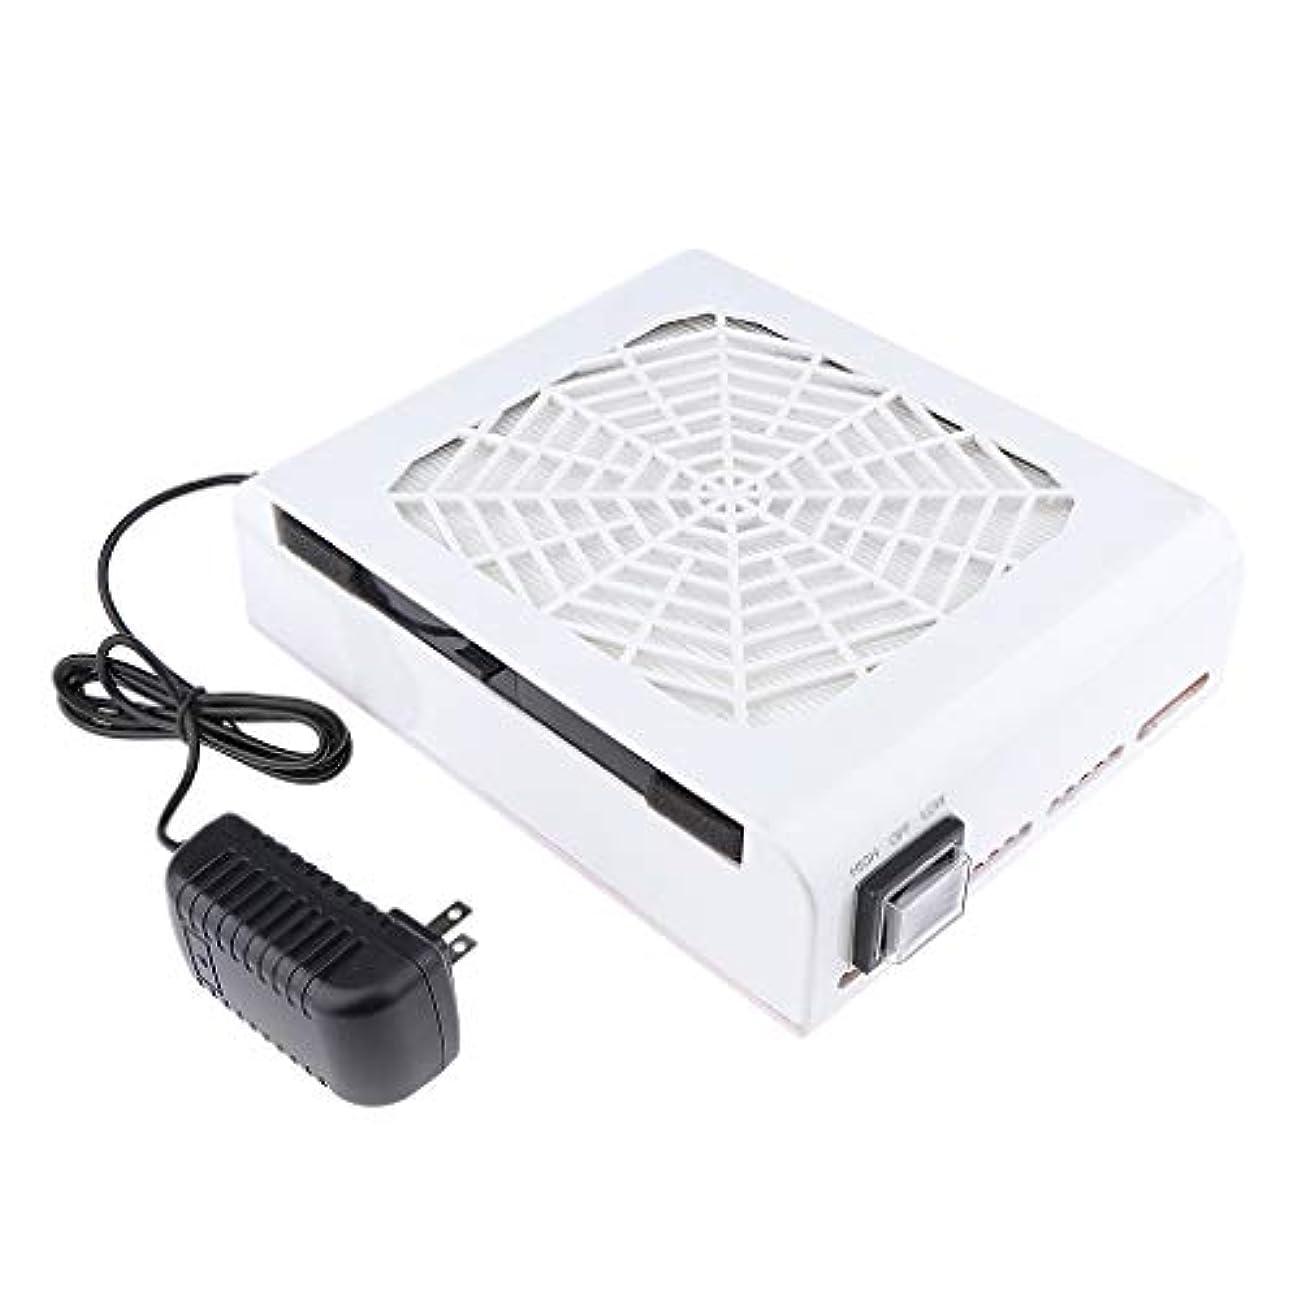 操作申請中安定したB Baosity 48W ネイルダストコレクター ネイルアート ネイルダスト 電動 塵収集